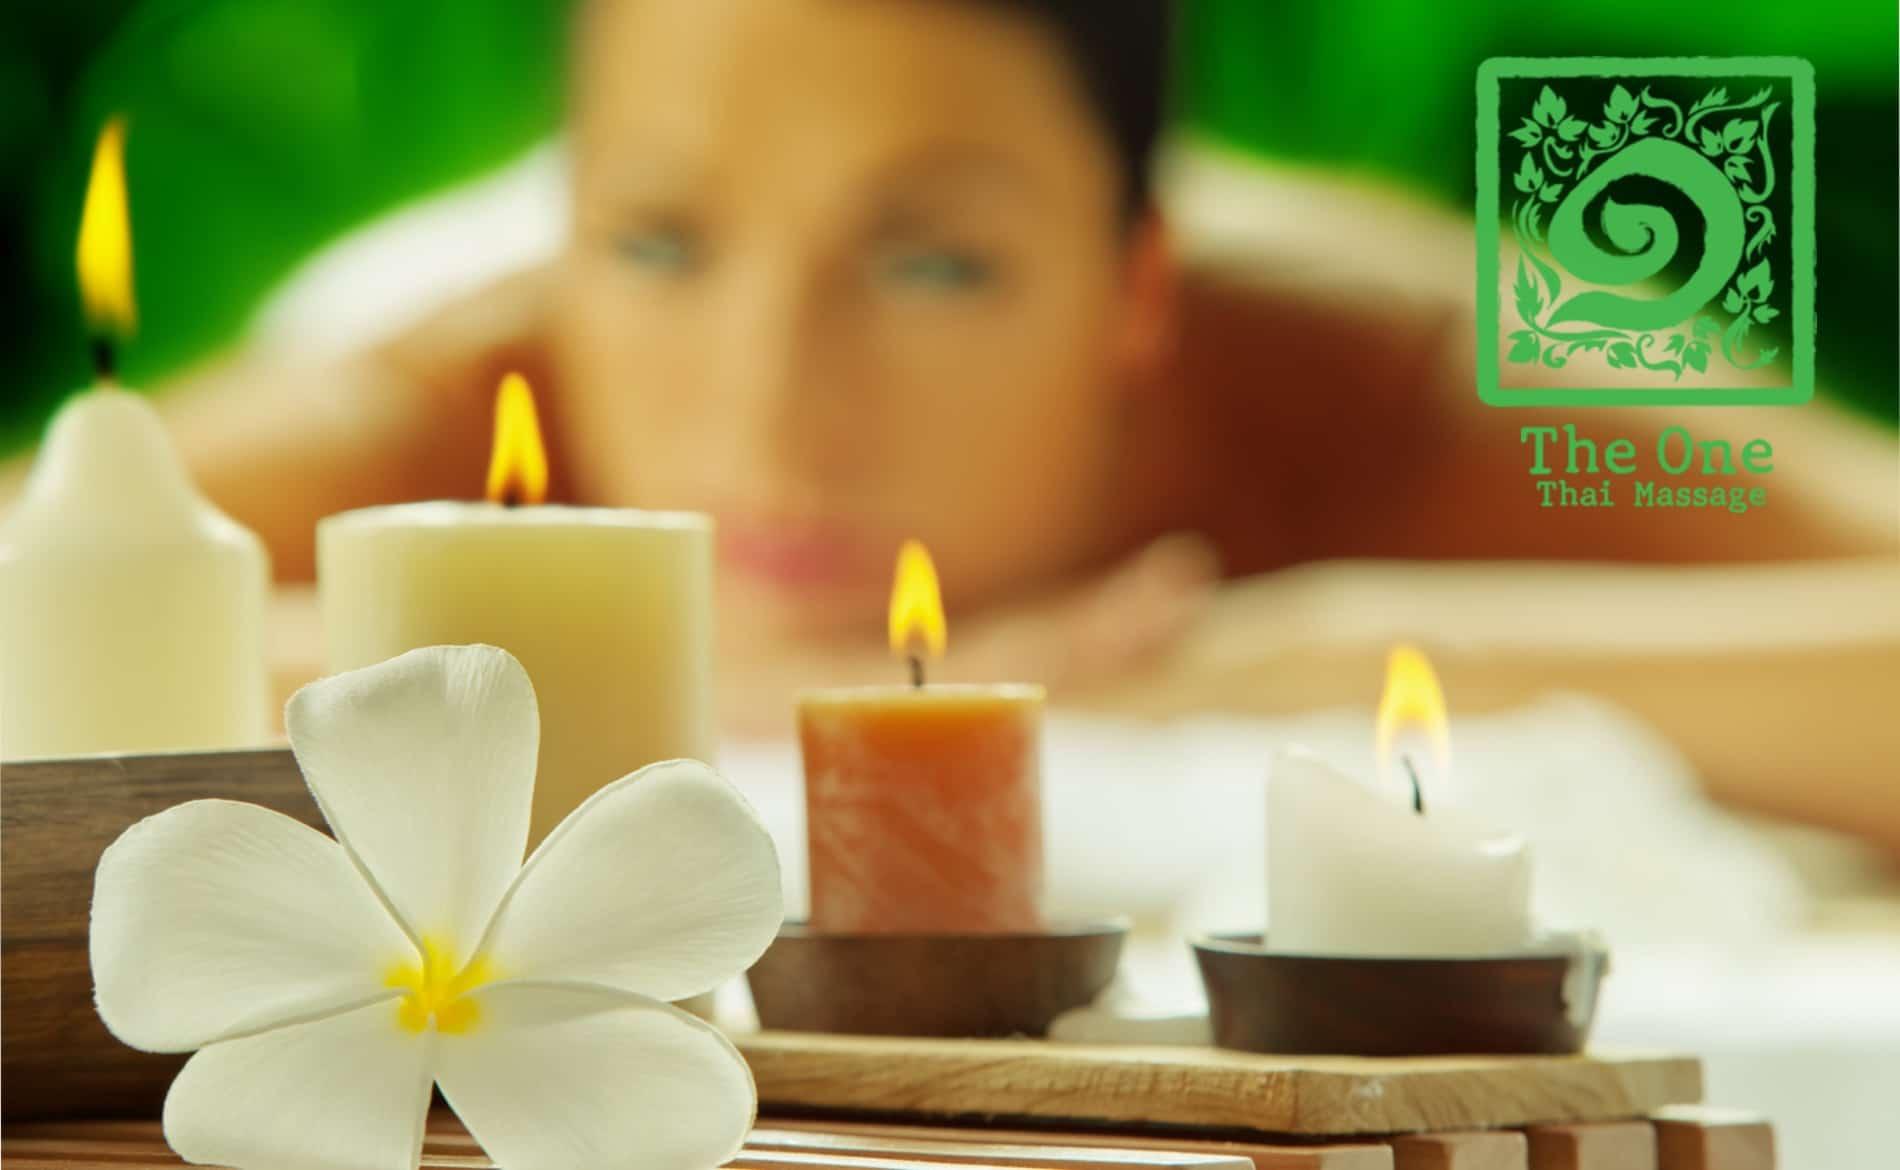 The One Thai Massage Thaimassage Dein Ort zum Wohlfühlen, Entspannen, Balance finden. Wecke deine innere Kraft.